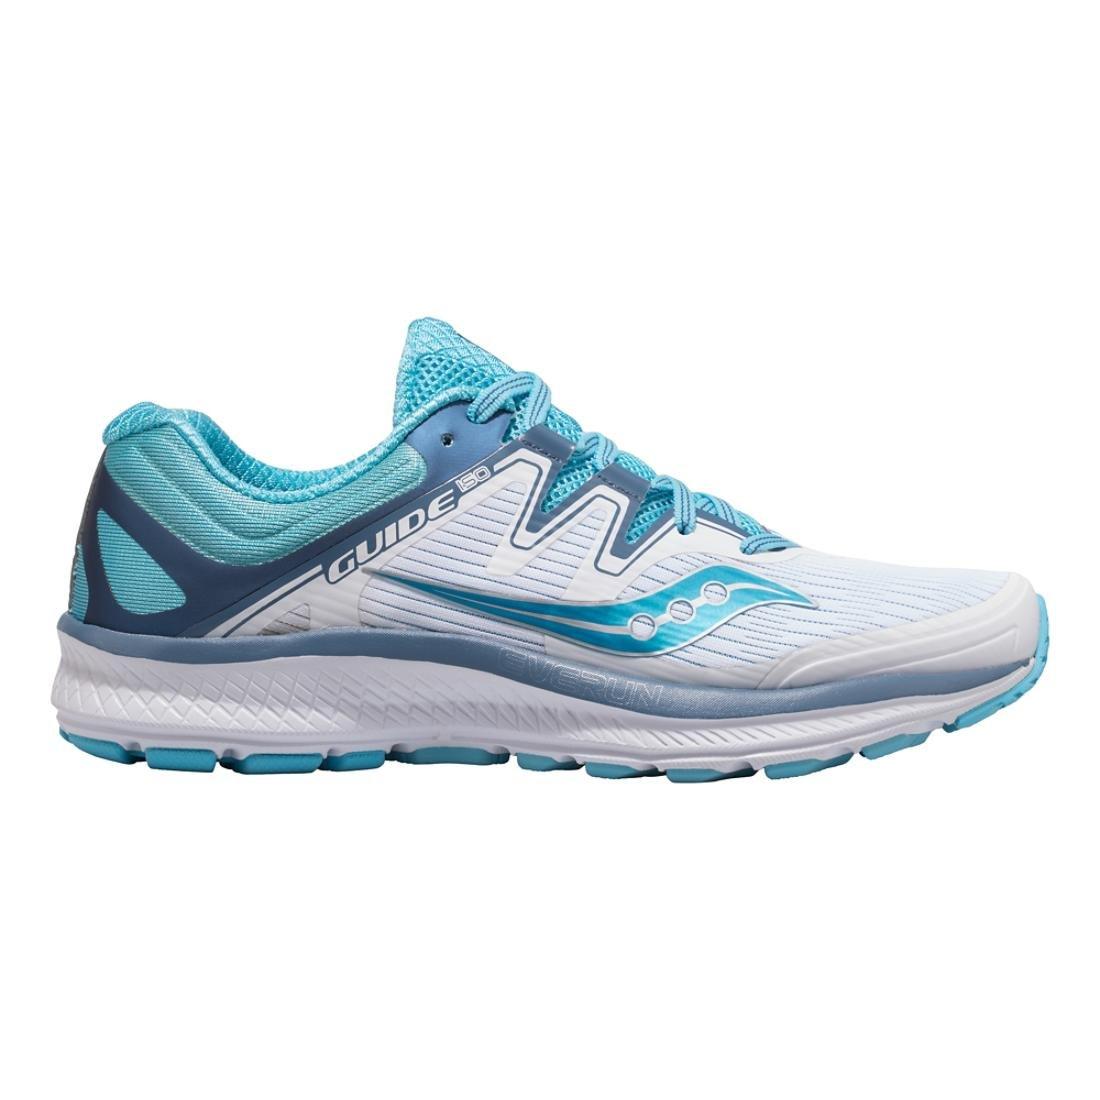 Saucony Women's Guide Iso Running Shoe B078PPVG6V 7.5 B(M) US|White/Blue